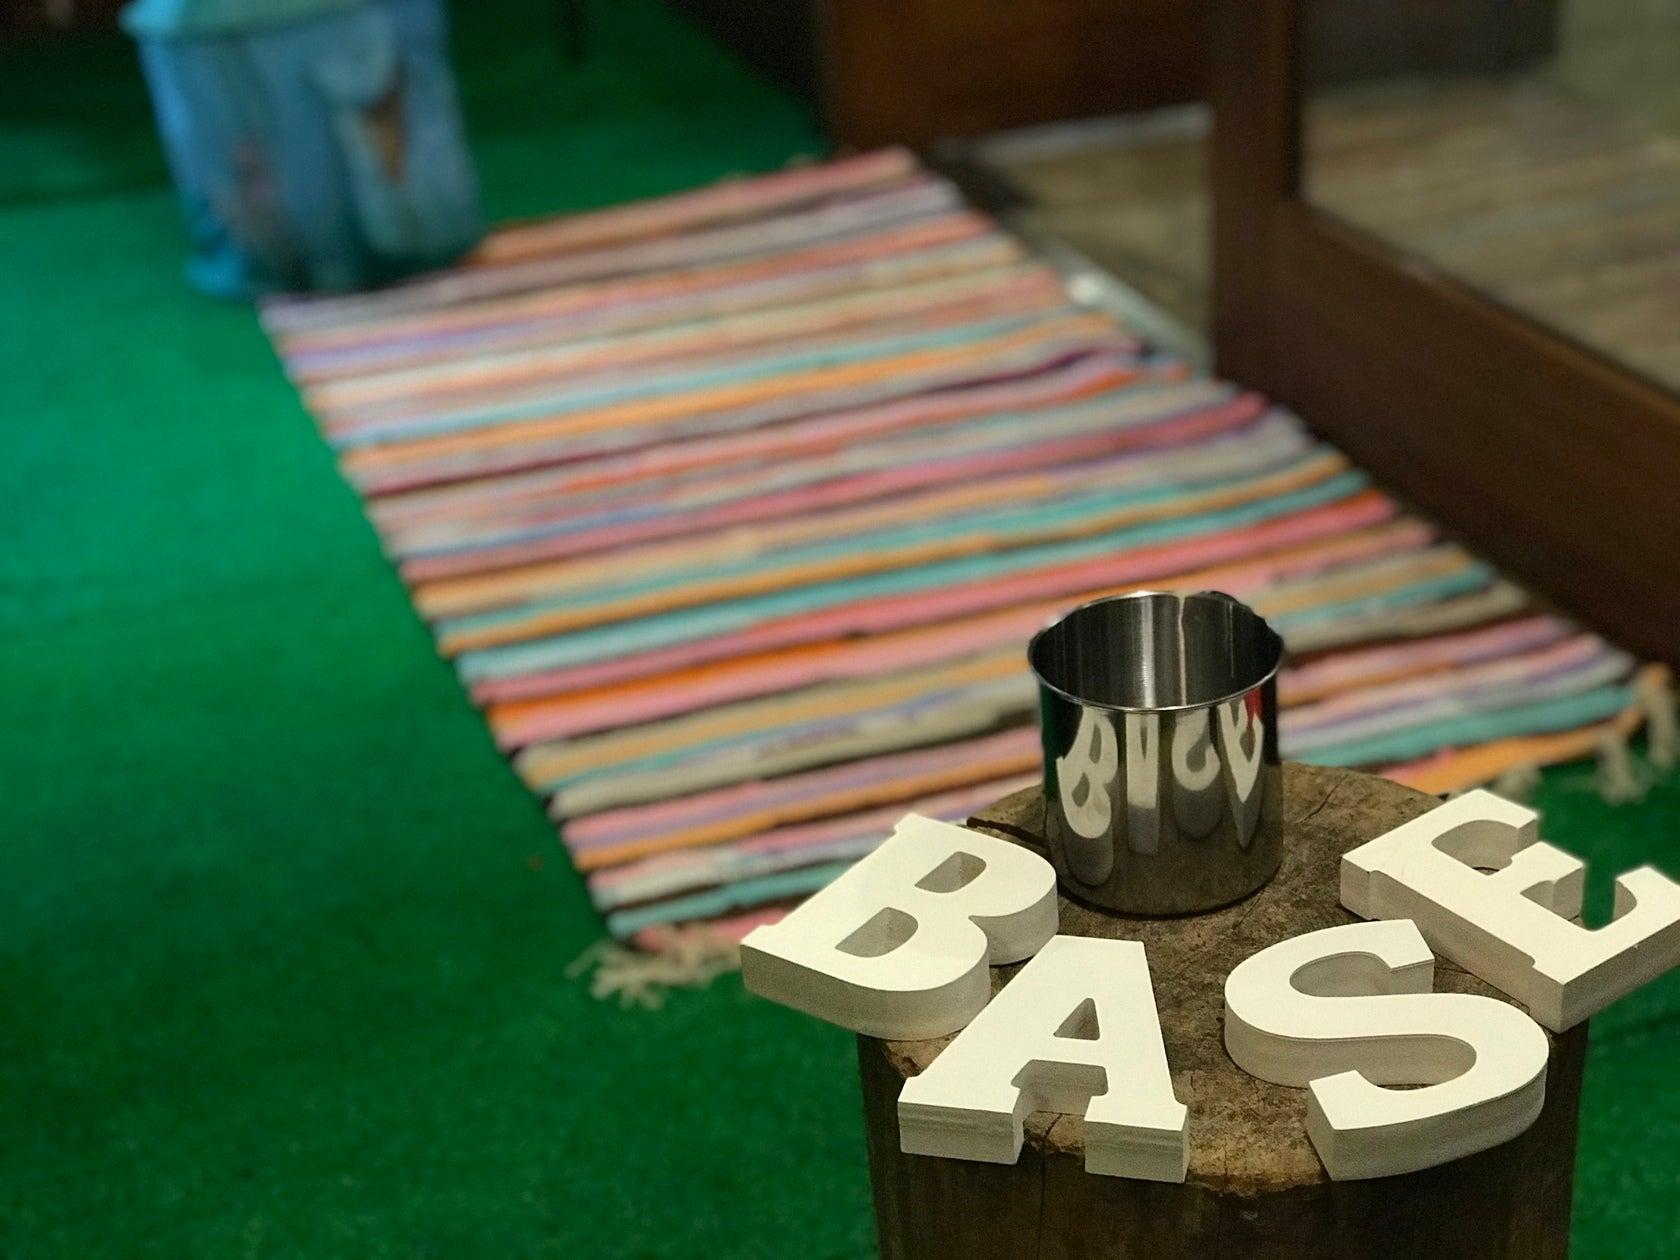 【西院駅徒歩4分】パーティや音楽イベント等で貸切出来るCafe&Bar(Cafe&Bar BASE) の写真0